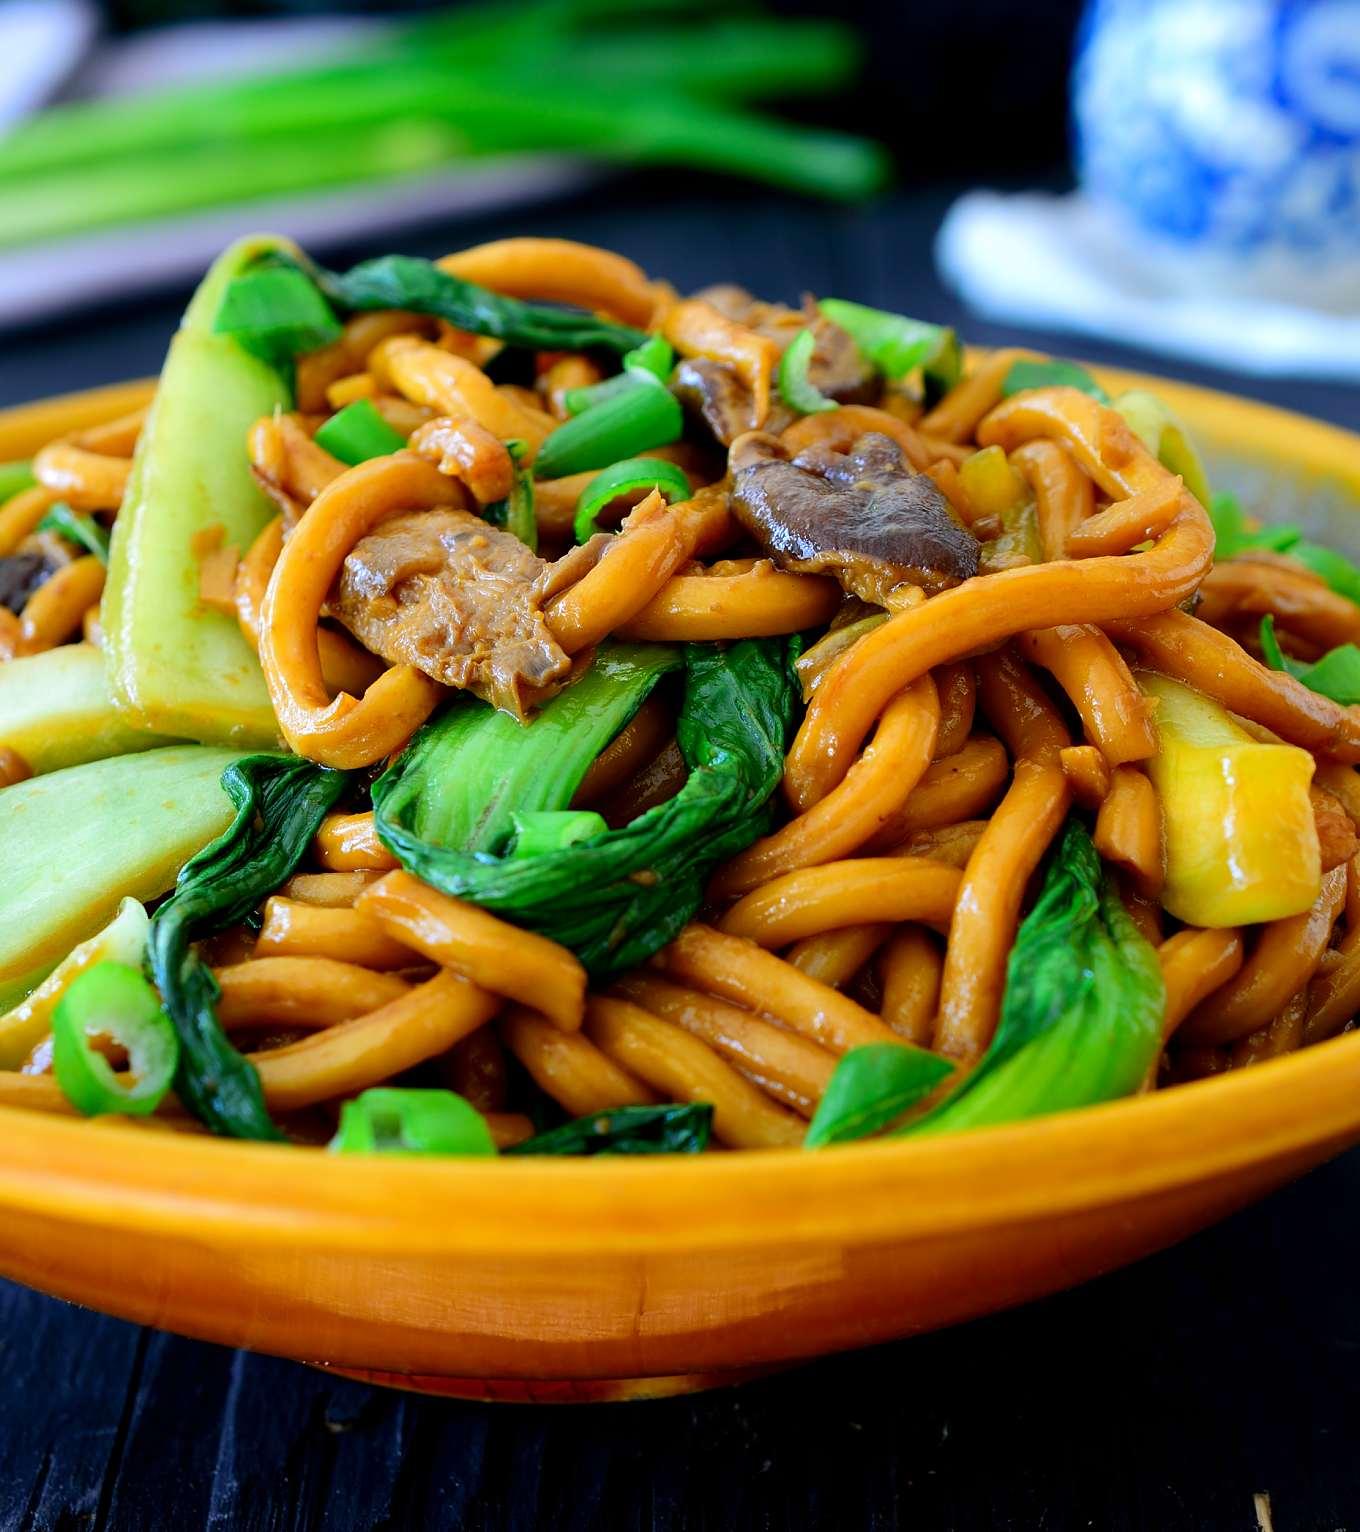 Esta receta para fideos chinos vegetarianos con pak choi y setas shiitake es un wok delicioso, sencillo y rápido, y sobre todo perfecto para una cena de entresemana, ya que está listo en tan sólo 15 minutos. Fideos udon blandos con crujiente pak choi y carnosas setas shiitake en una simple salsa de soja seguro que satisface cualquier antojo.